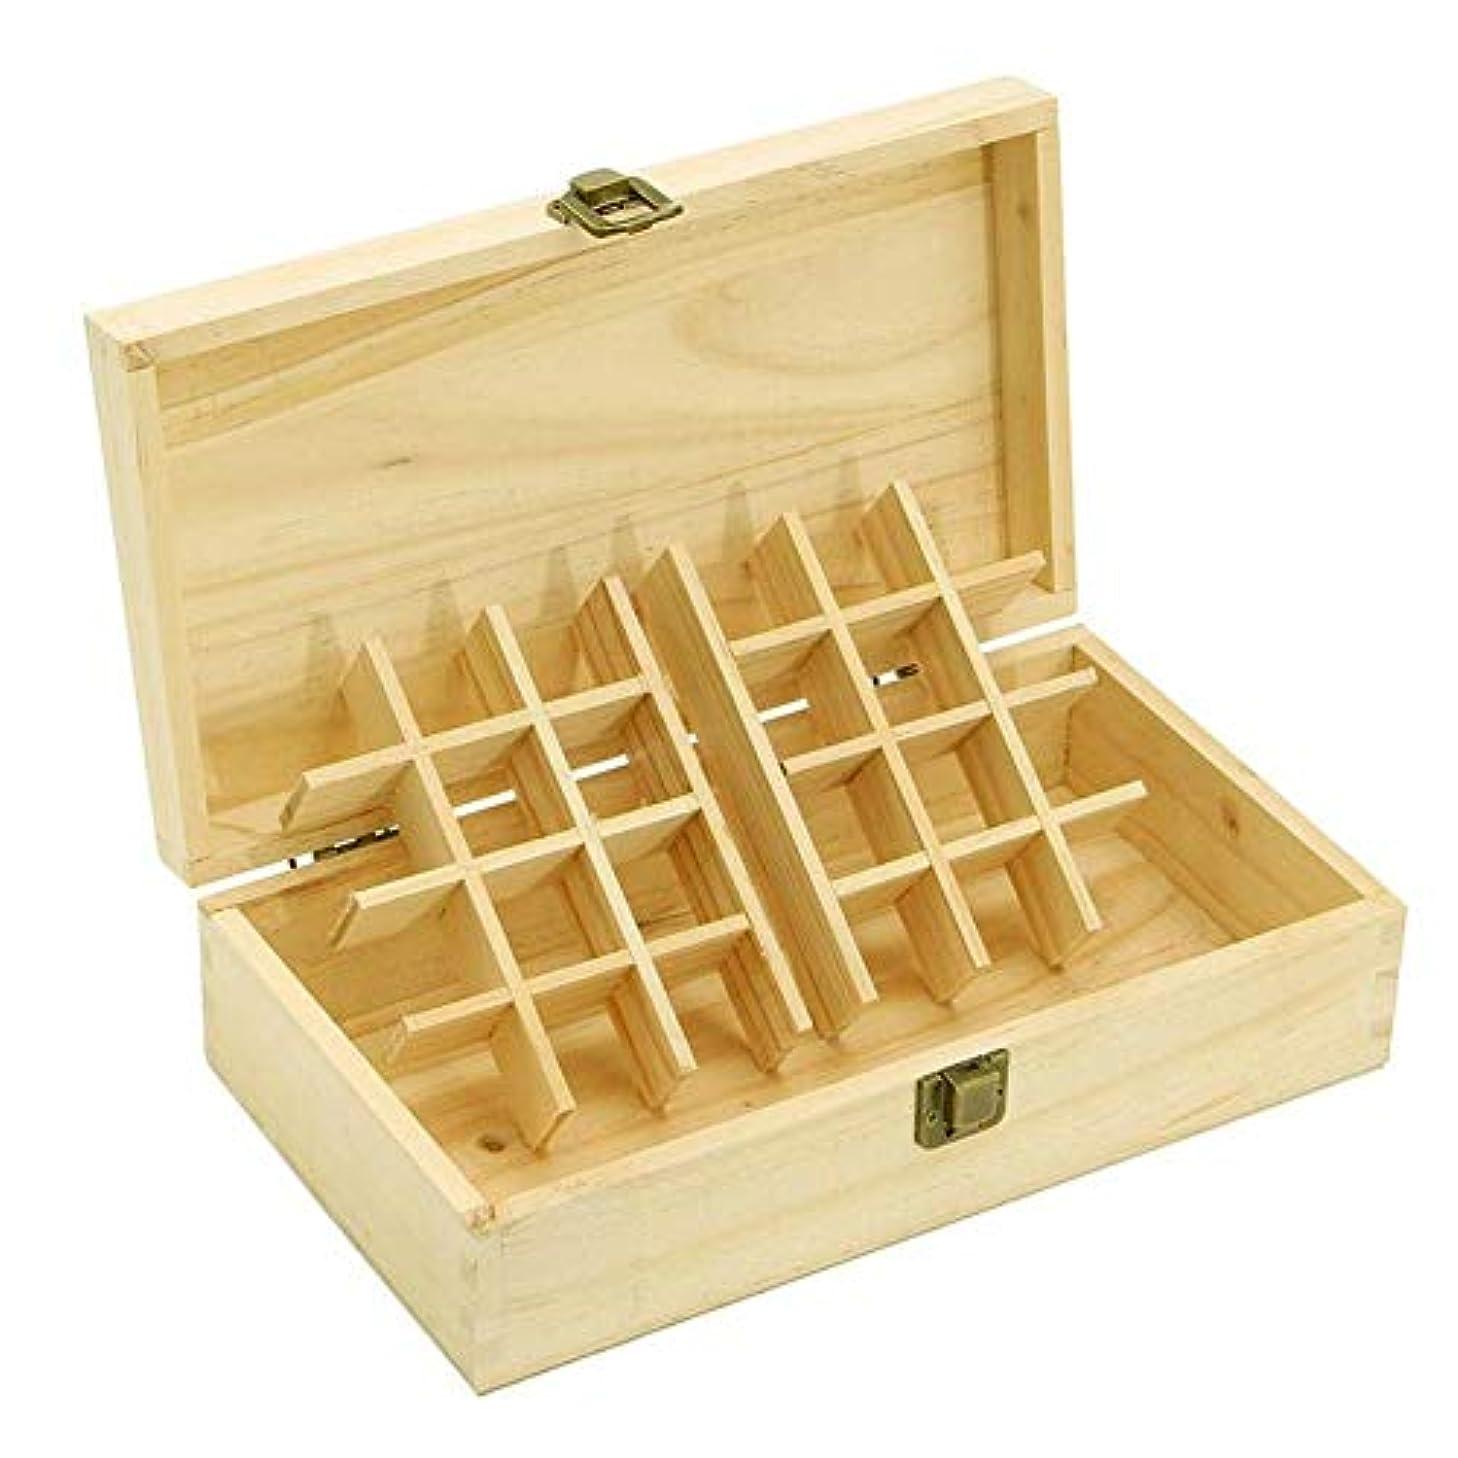 唯一専門用語家主エッセンシャルオイル収納ボックス 純木の精油の収納箱 香水収納ケース アロマオイル収納ボックス